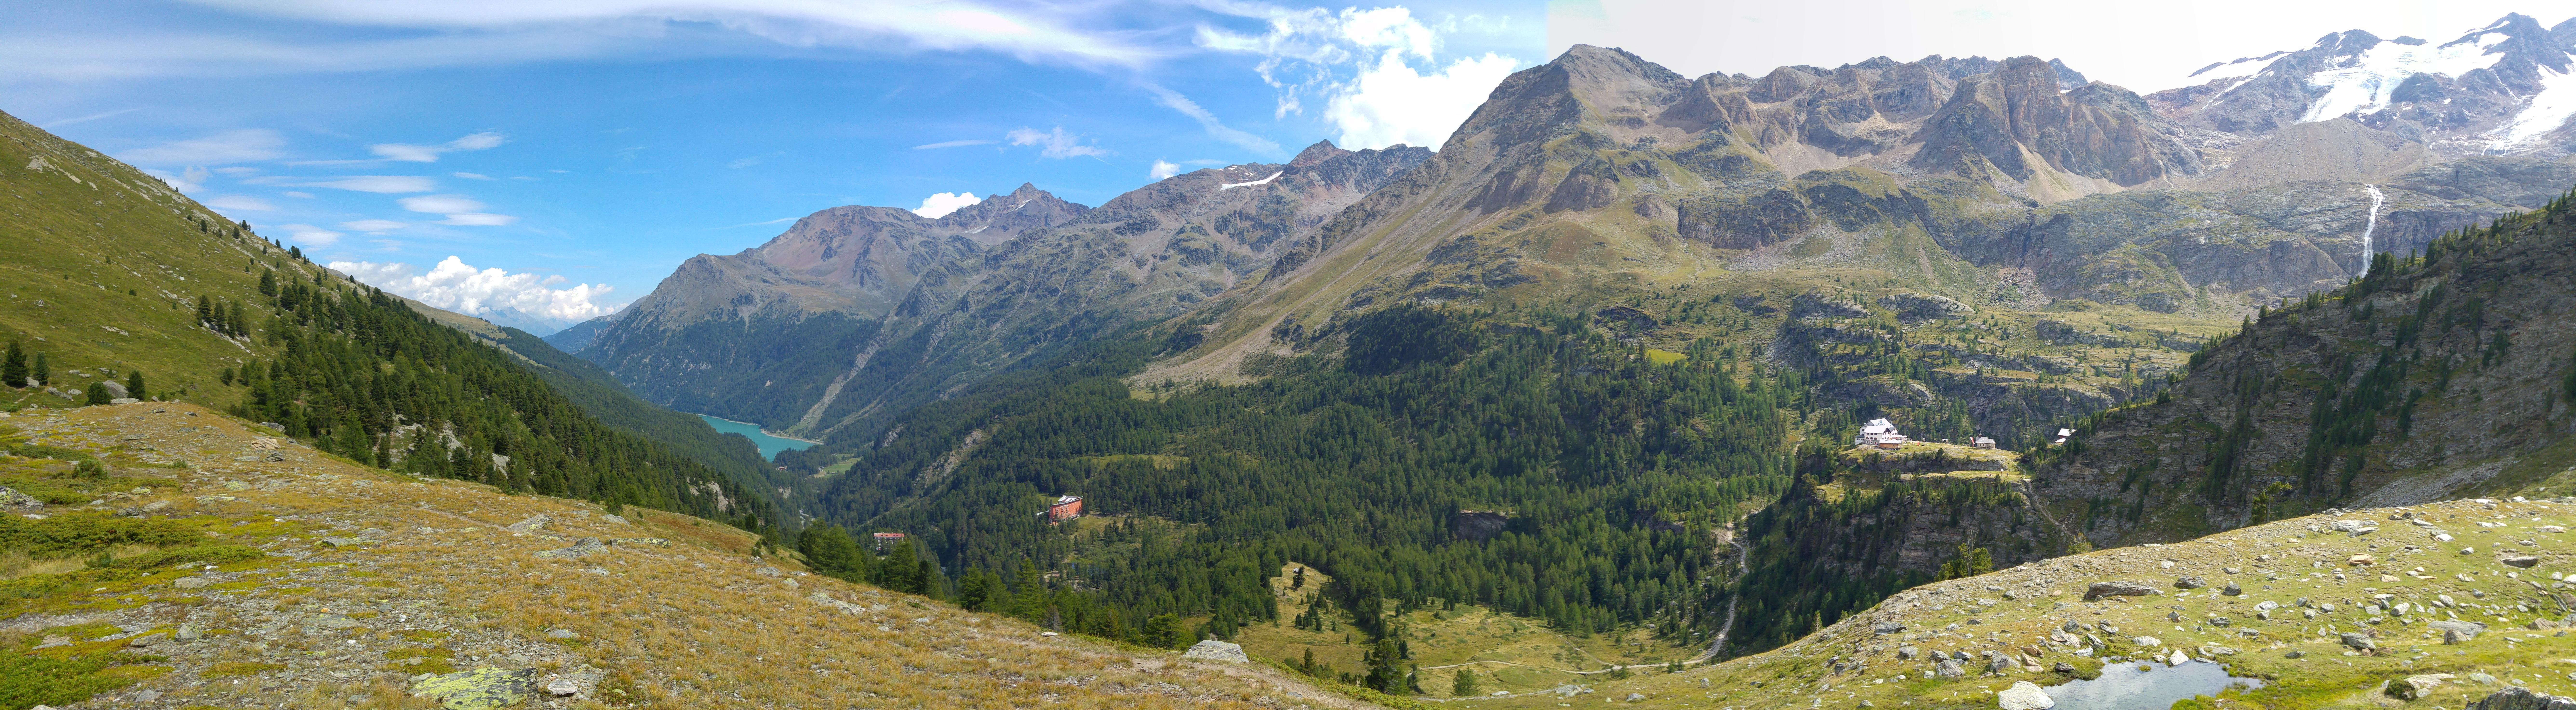 N Zufrittsee Zufallhütte Panorama